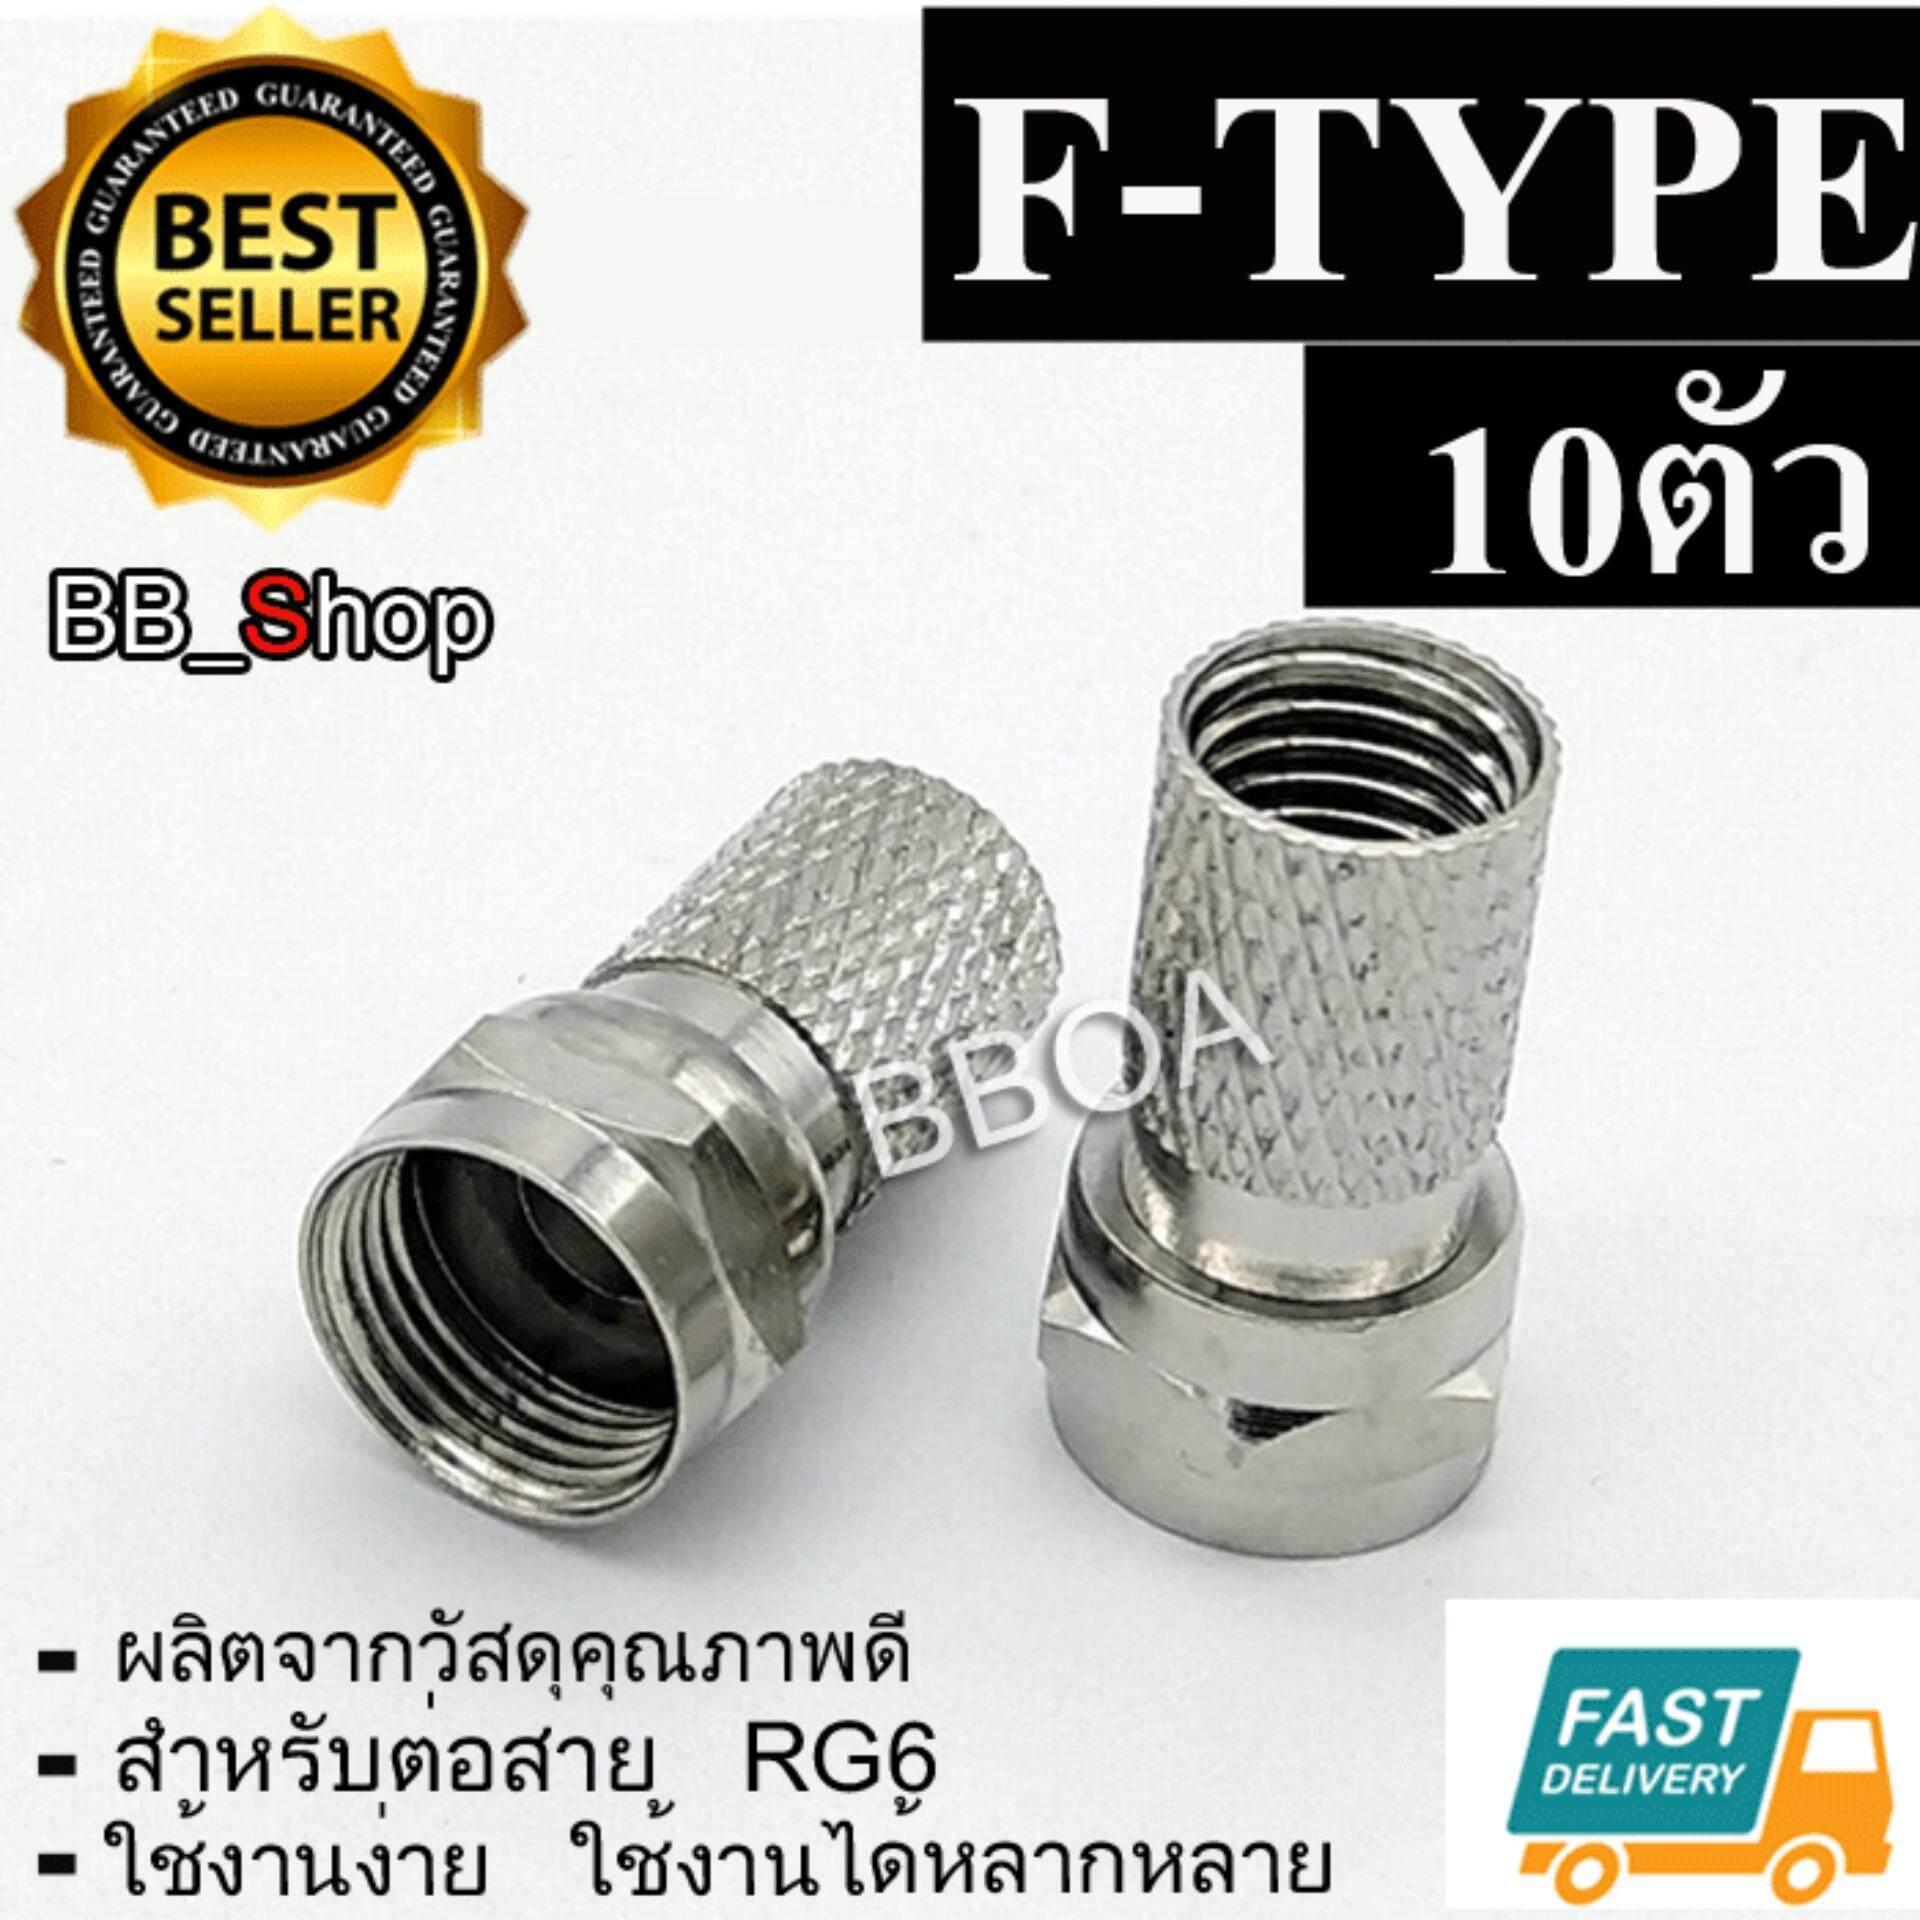 หัวต่อ F Type (F-Type CONNENTOR)ชนิดหมุนเกลียว (ใช้มือบิด) เข้ากับสาย RG6 เข้ากับ หัว BNC ชนิดเกลียวท้าย 10 หัว